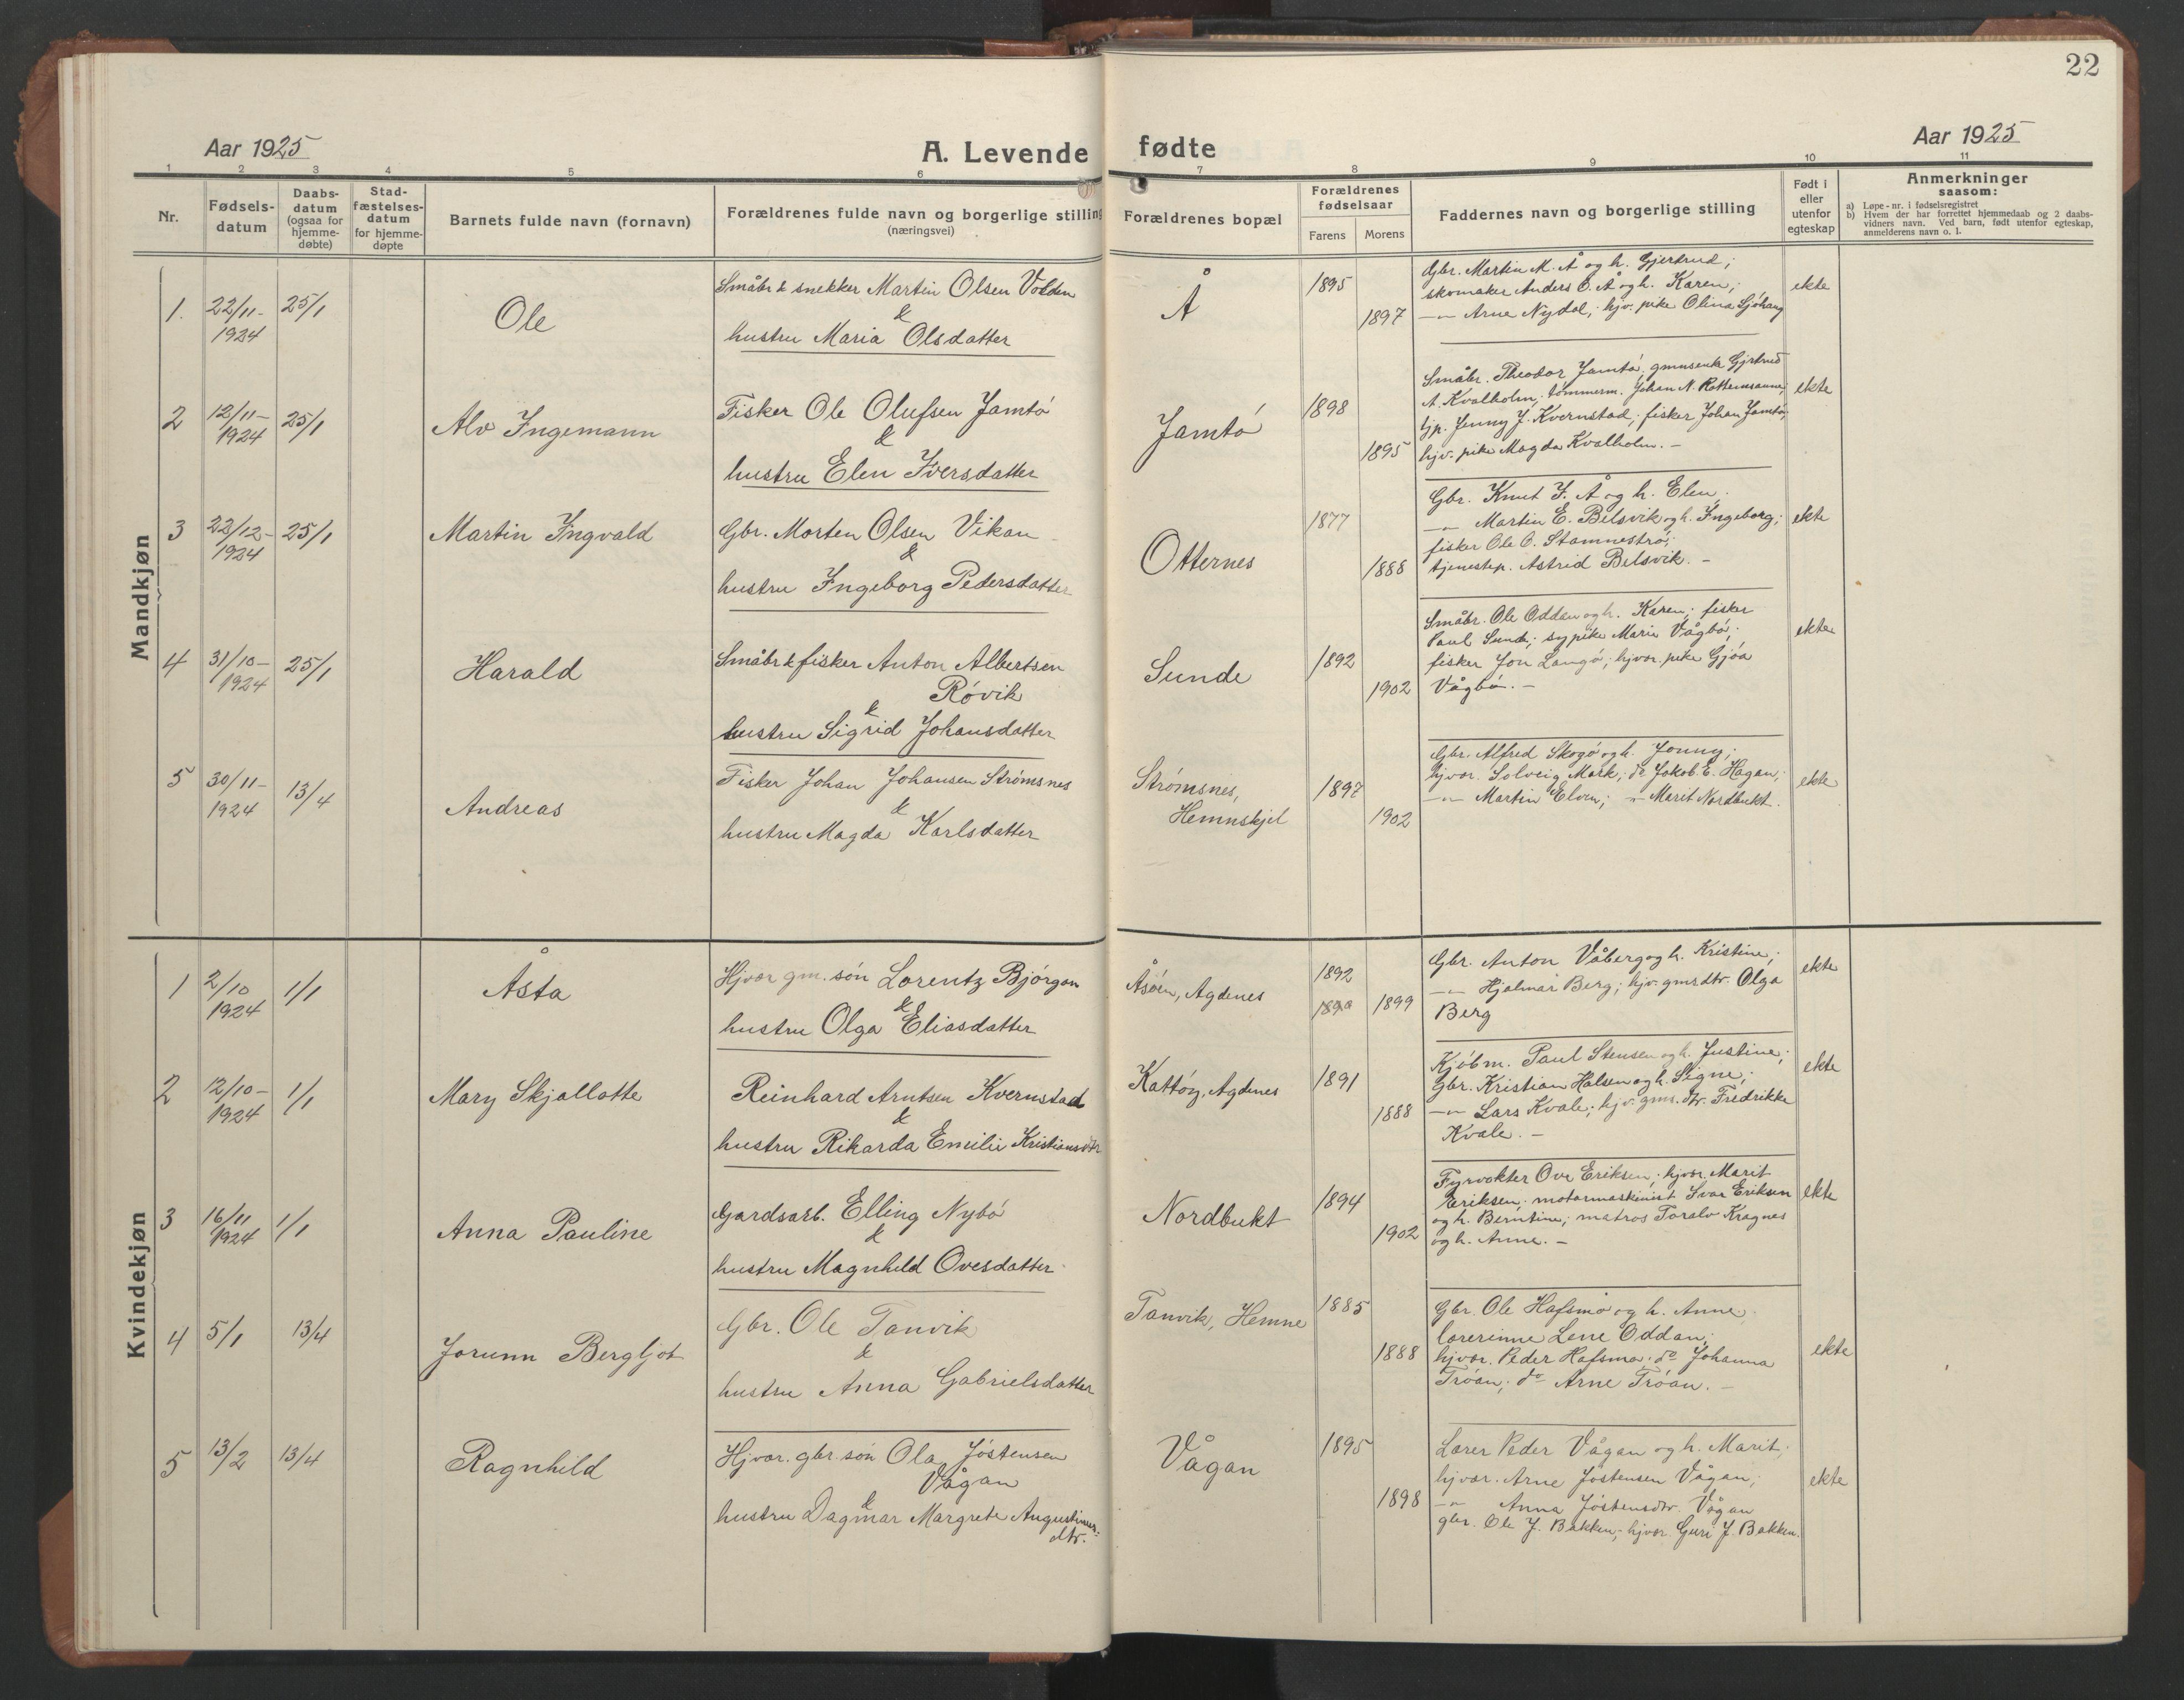 SAT, Ministerialprotokoller, klokkerbøker og fødselsregistre - Sør-Trøndelag, 633/L0521: Klokkerbok nr. 633C03, 1921-1941, s. 22